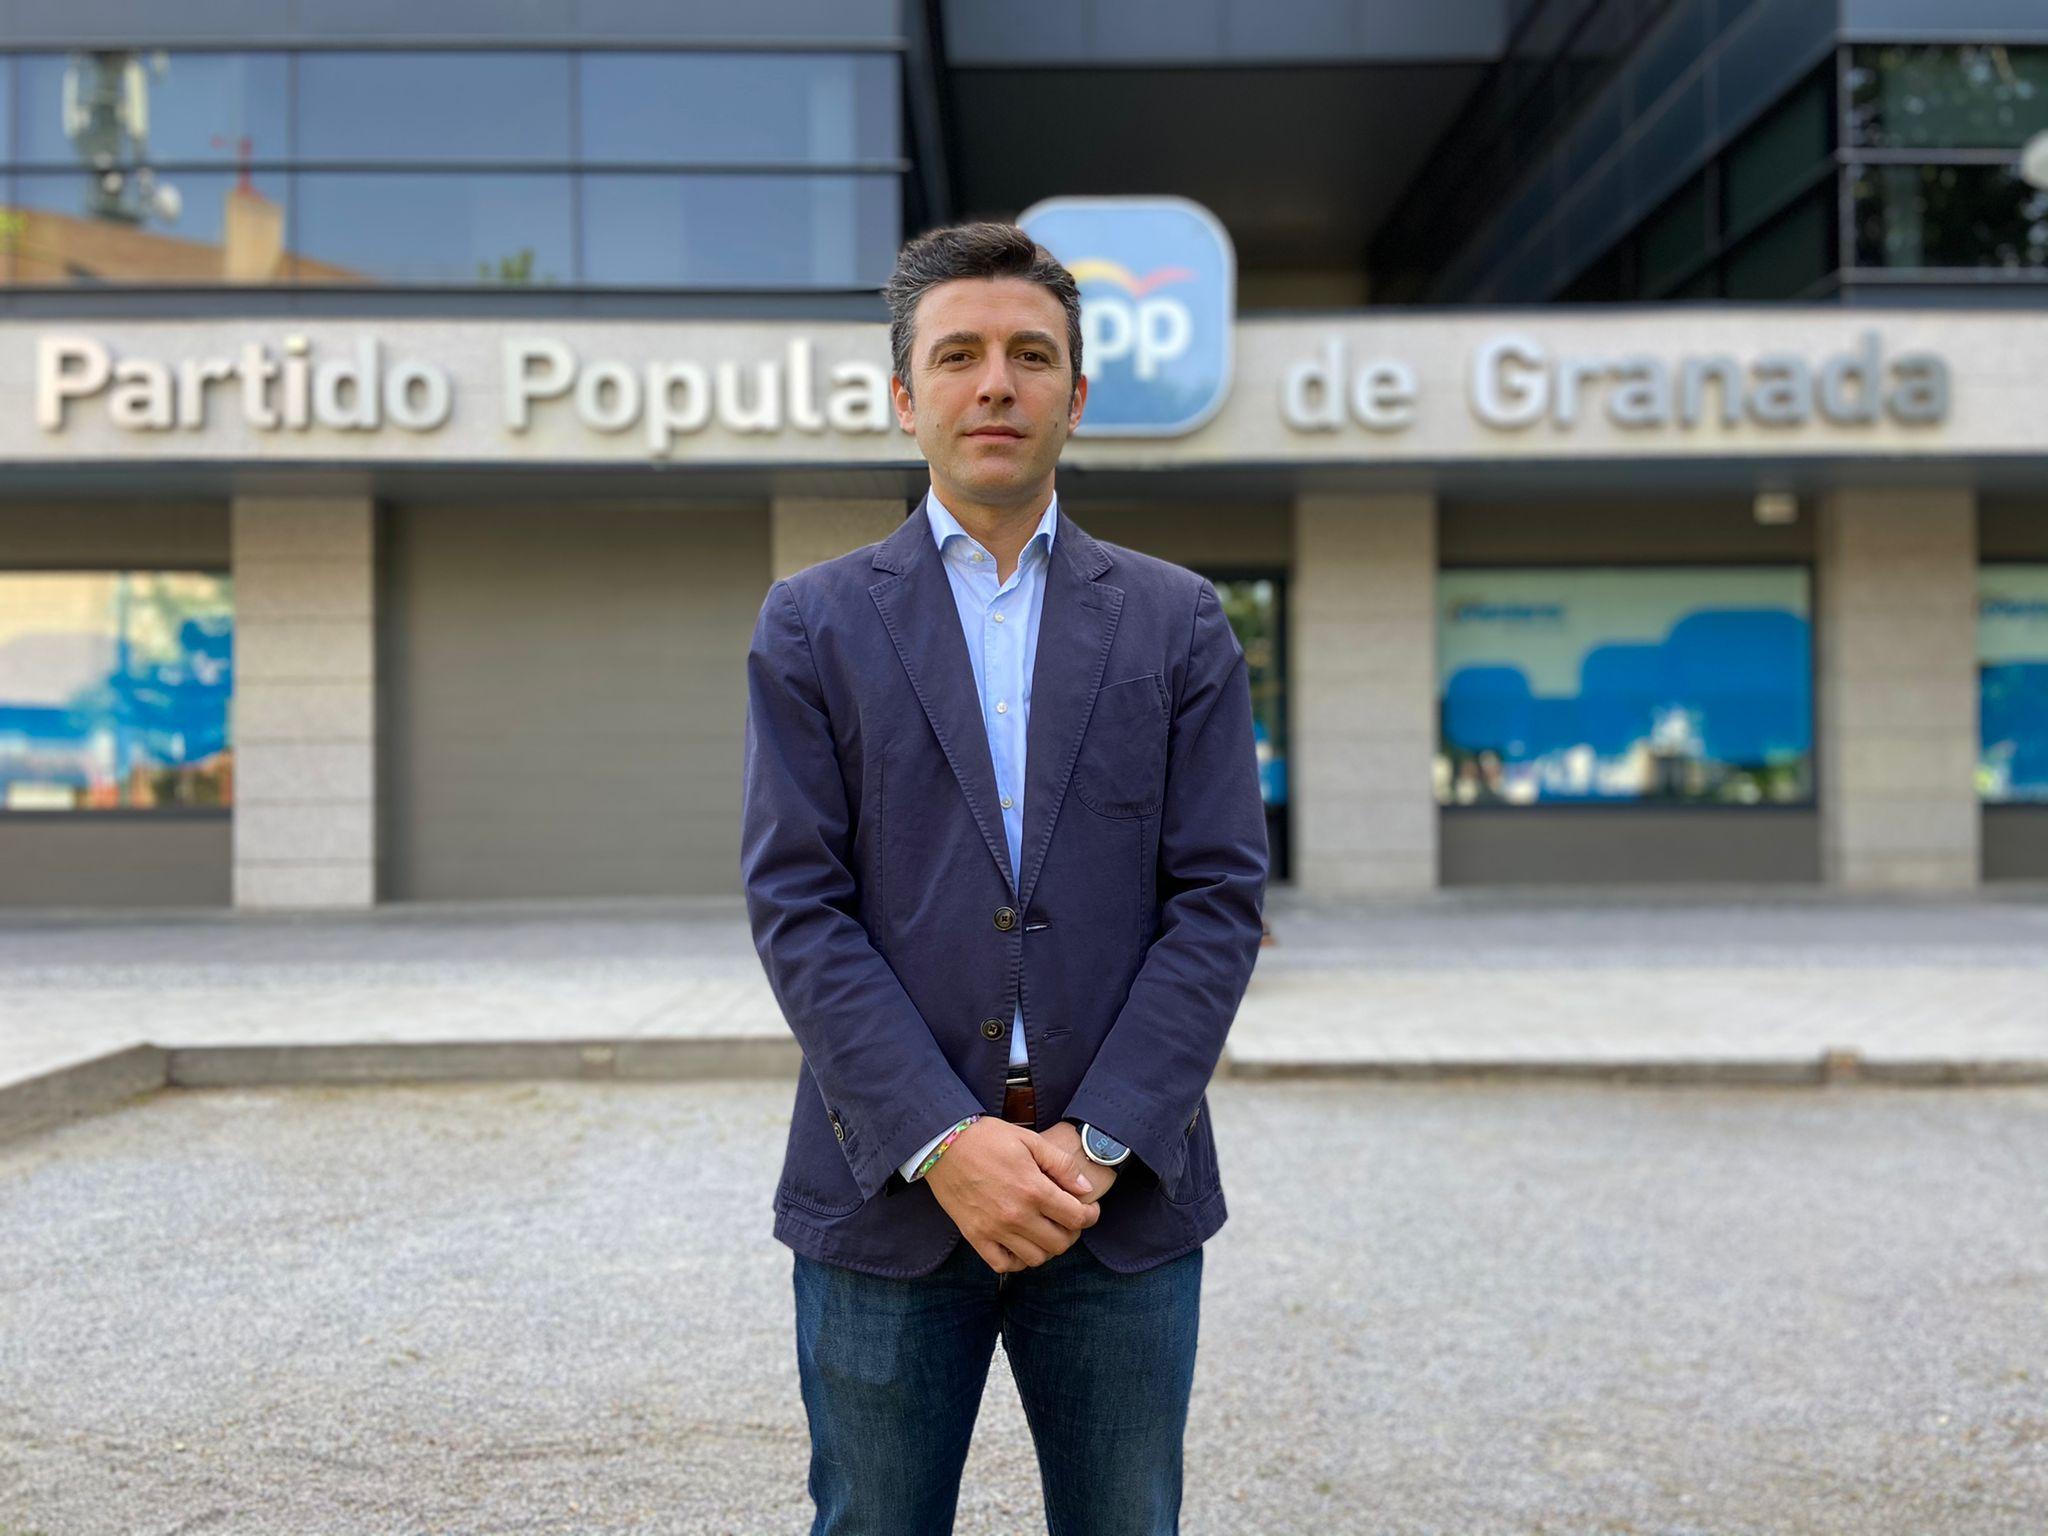 El PP reclama el acta de concejal de Sebastián Pérez y anuncia contactos con otros partidos para recuperar la alcaldía